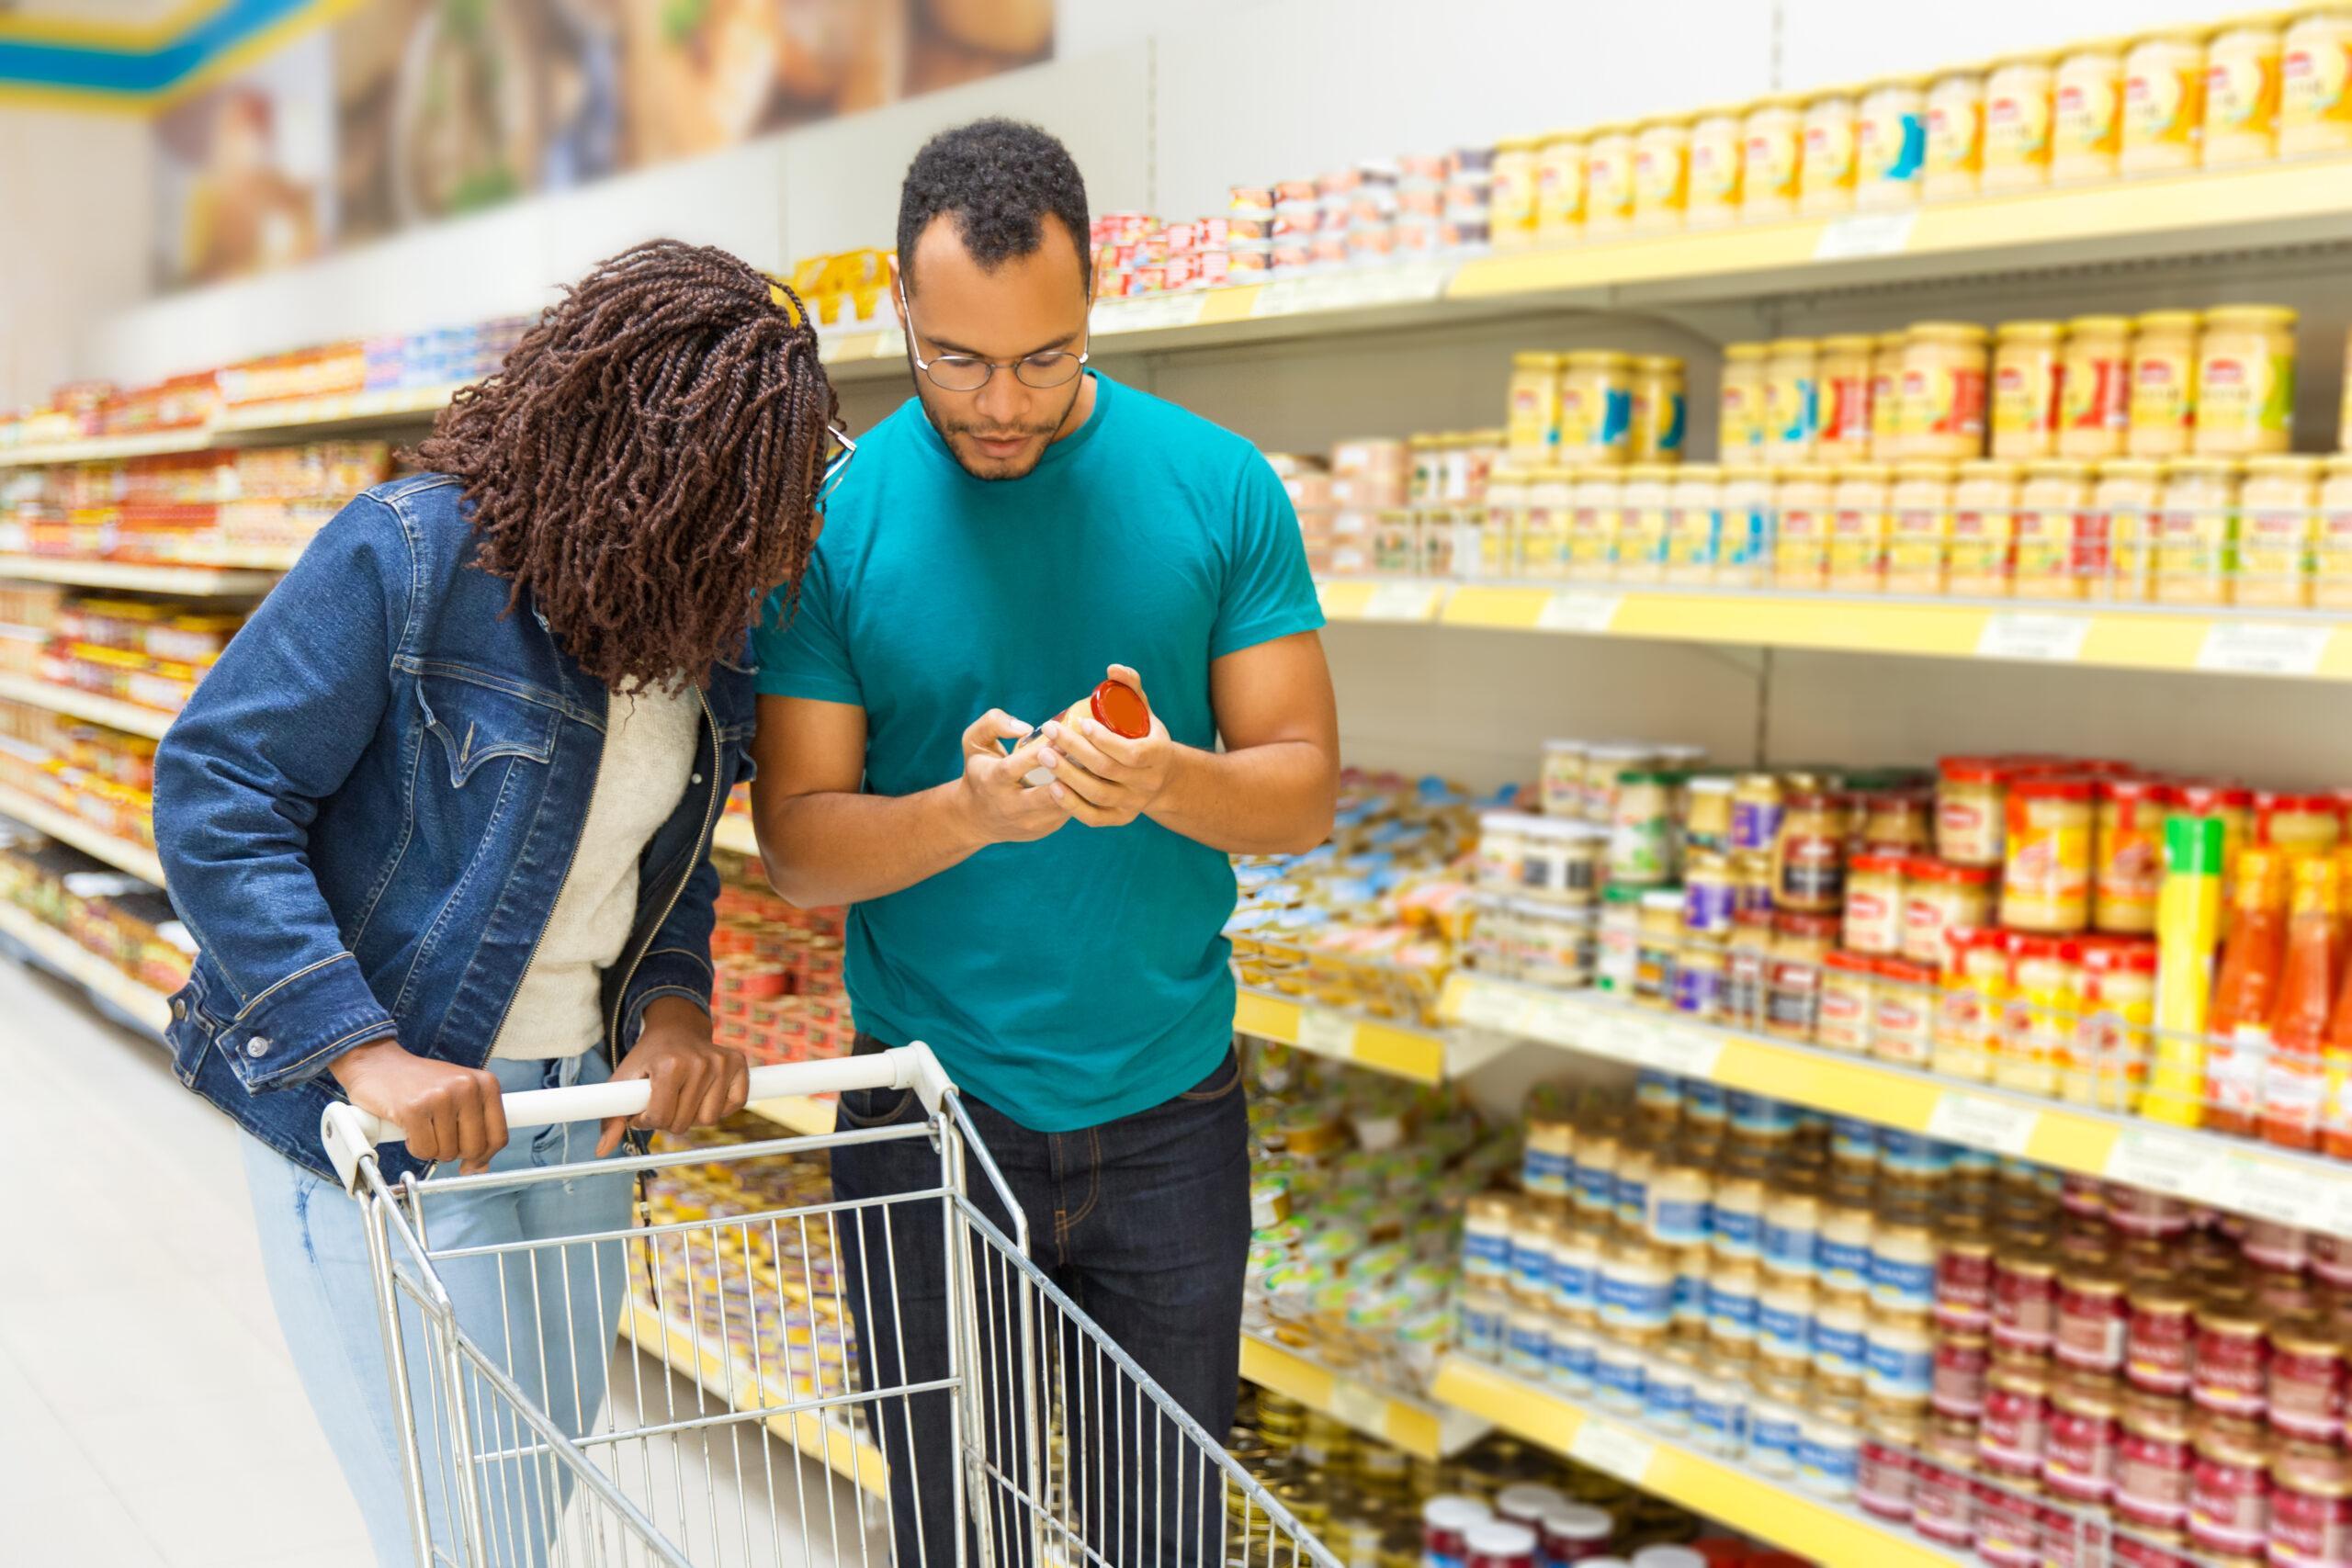 Duas pessoas no supermercado